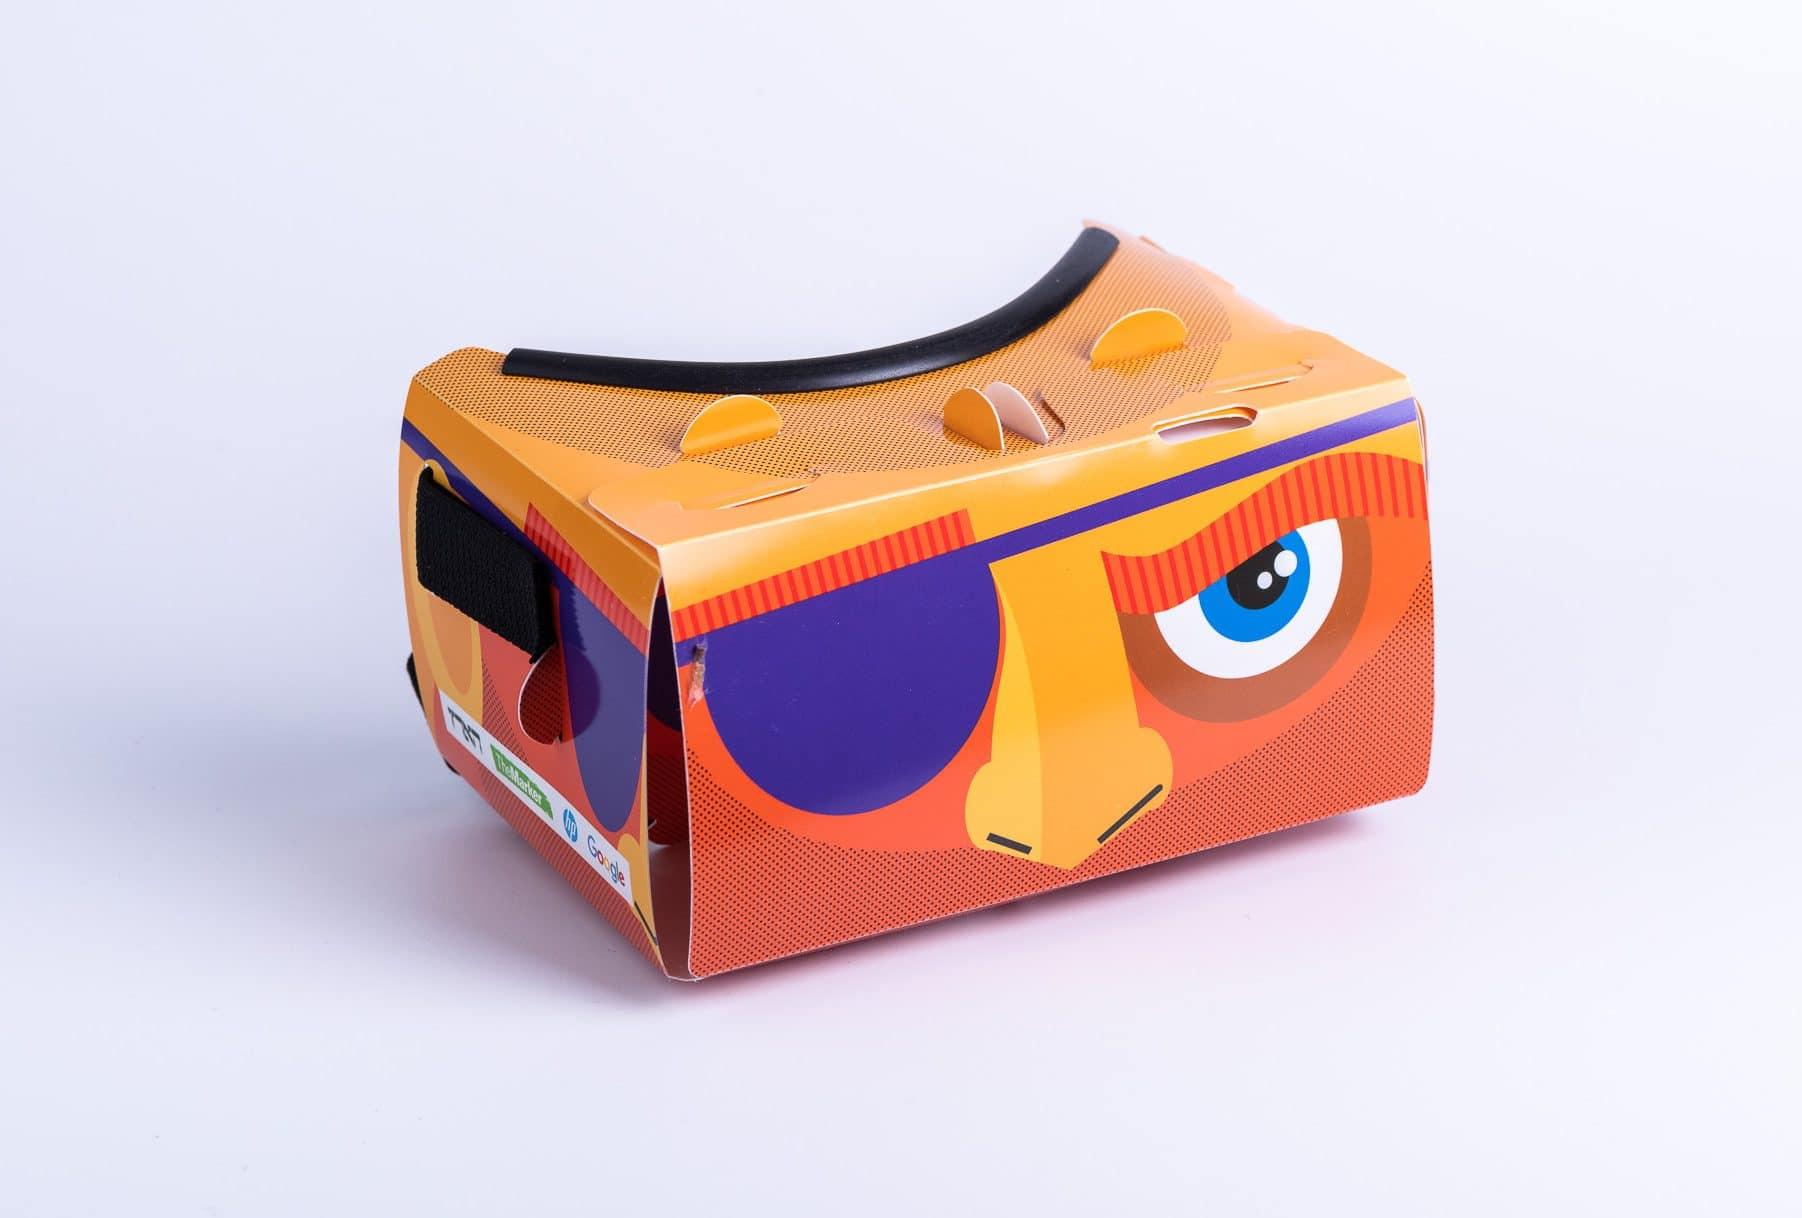 משקפי תלת מימד חדשני בצבע כתום שעשוי מקרטון וגומי